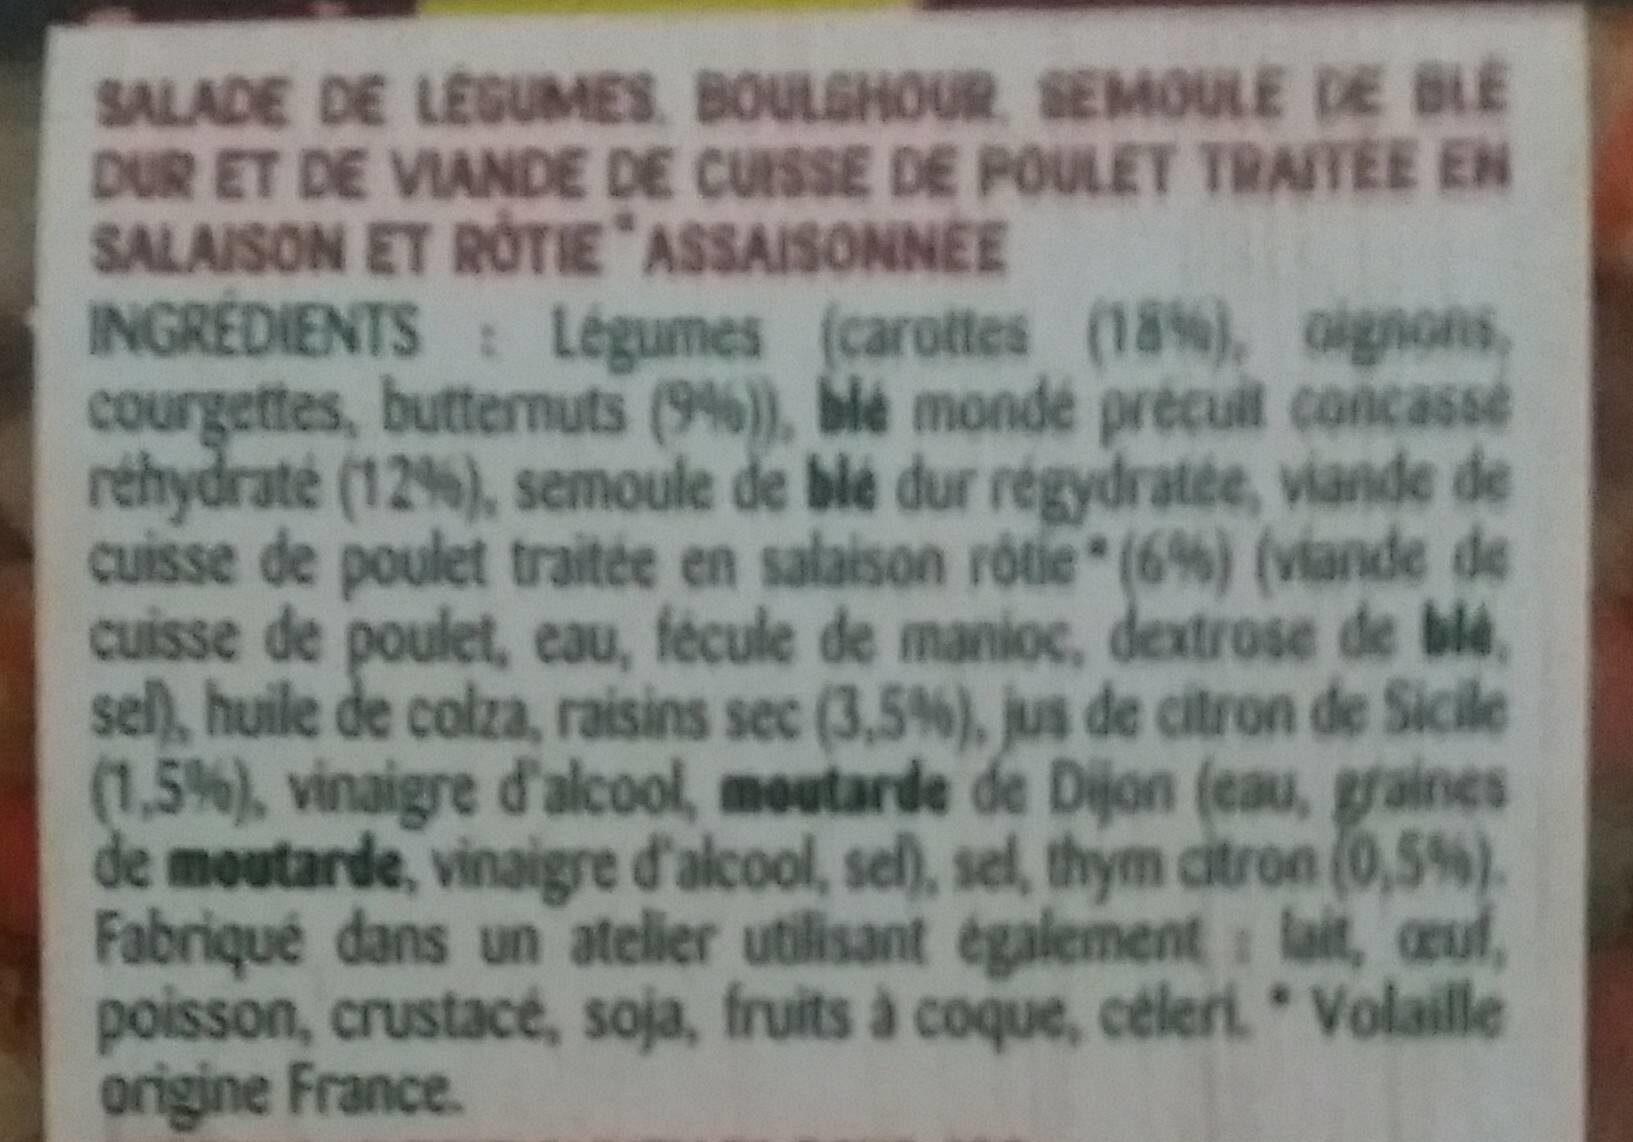 Carotte & Boulghour butternut et poulet rôti - Ingredients